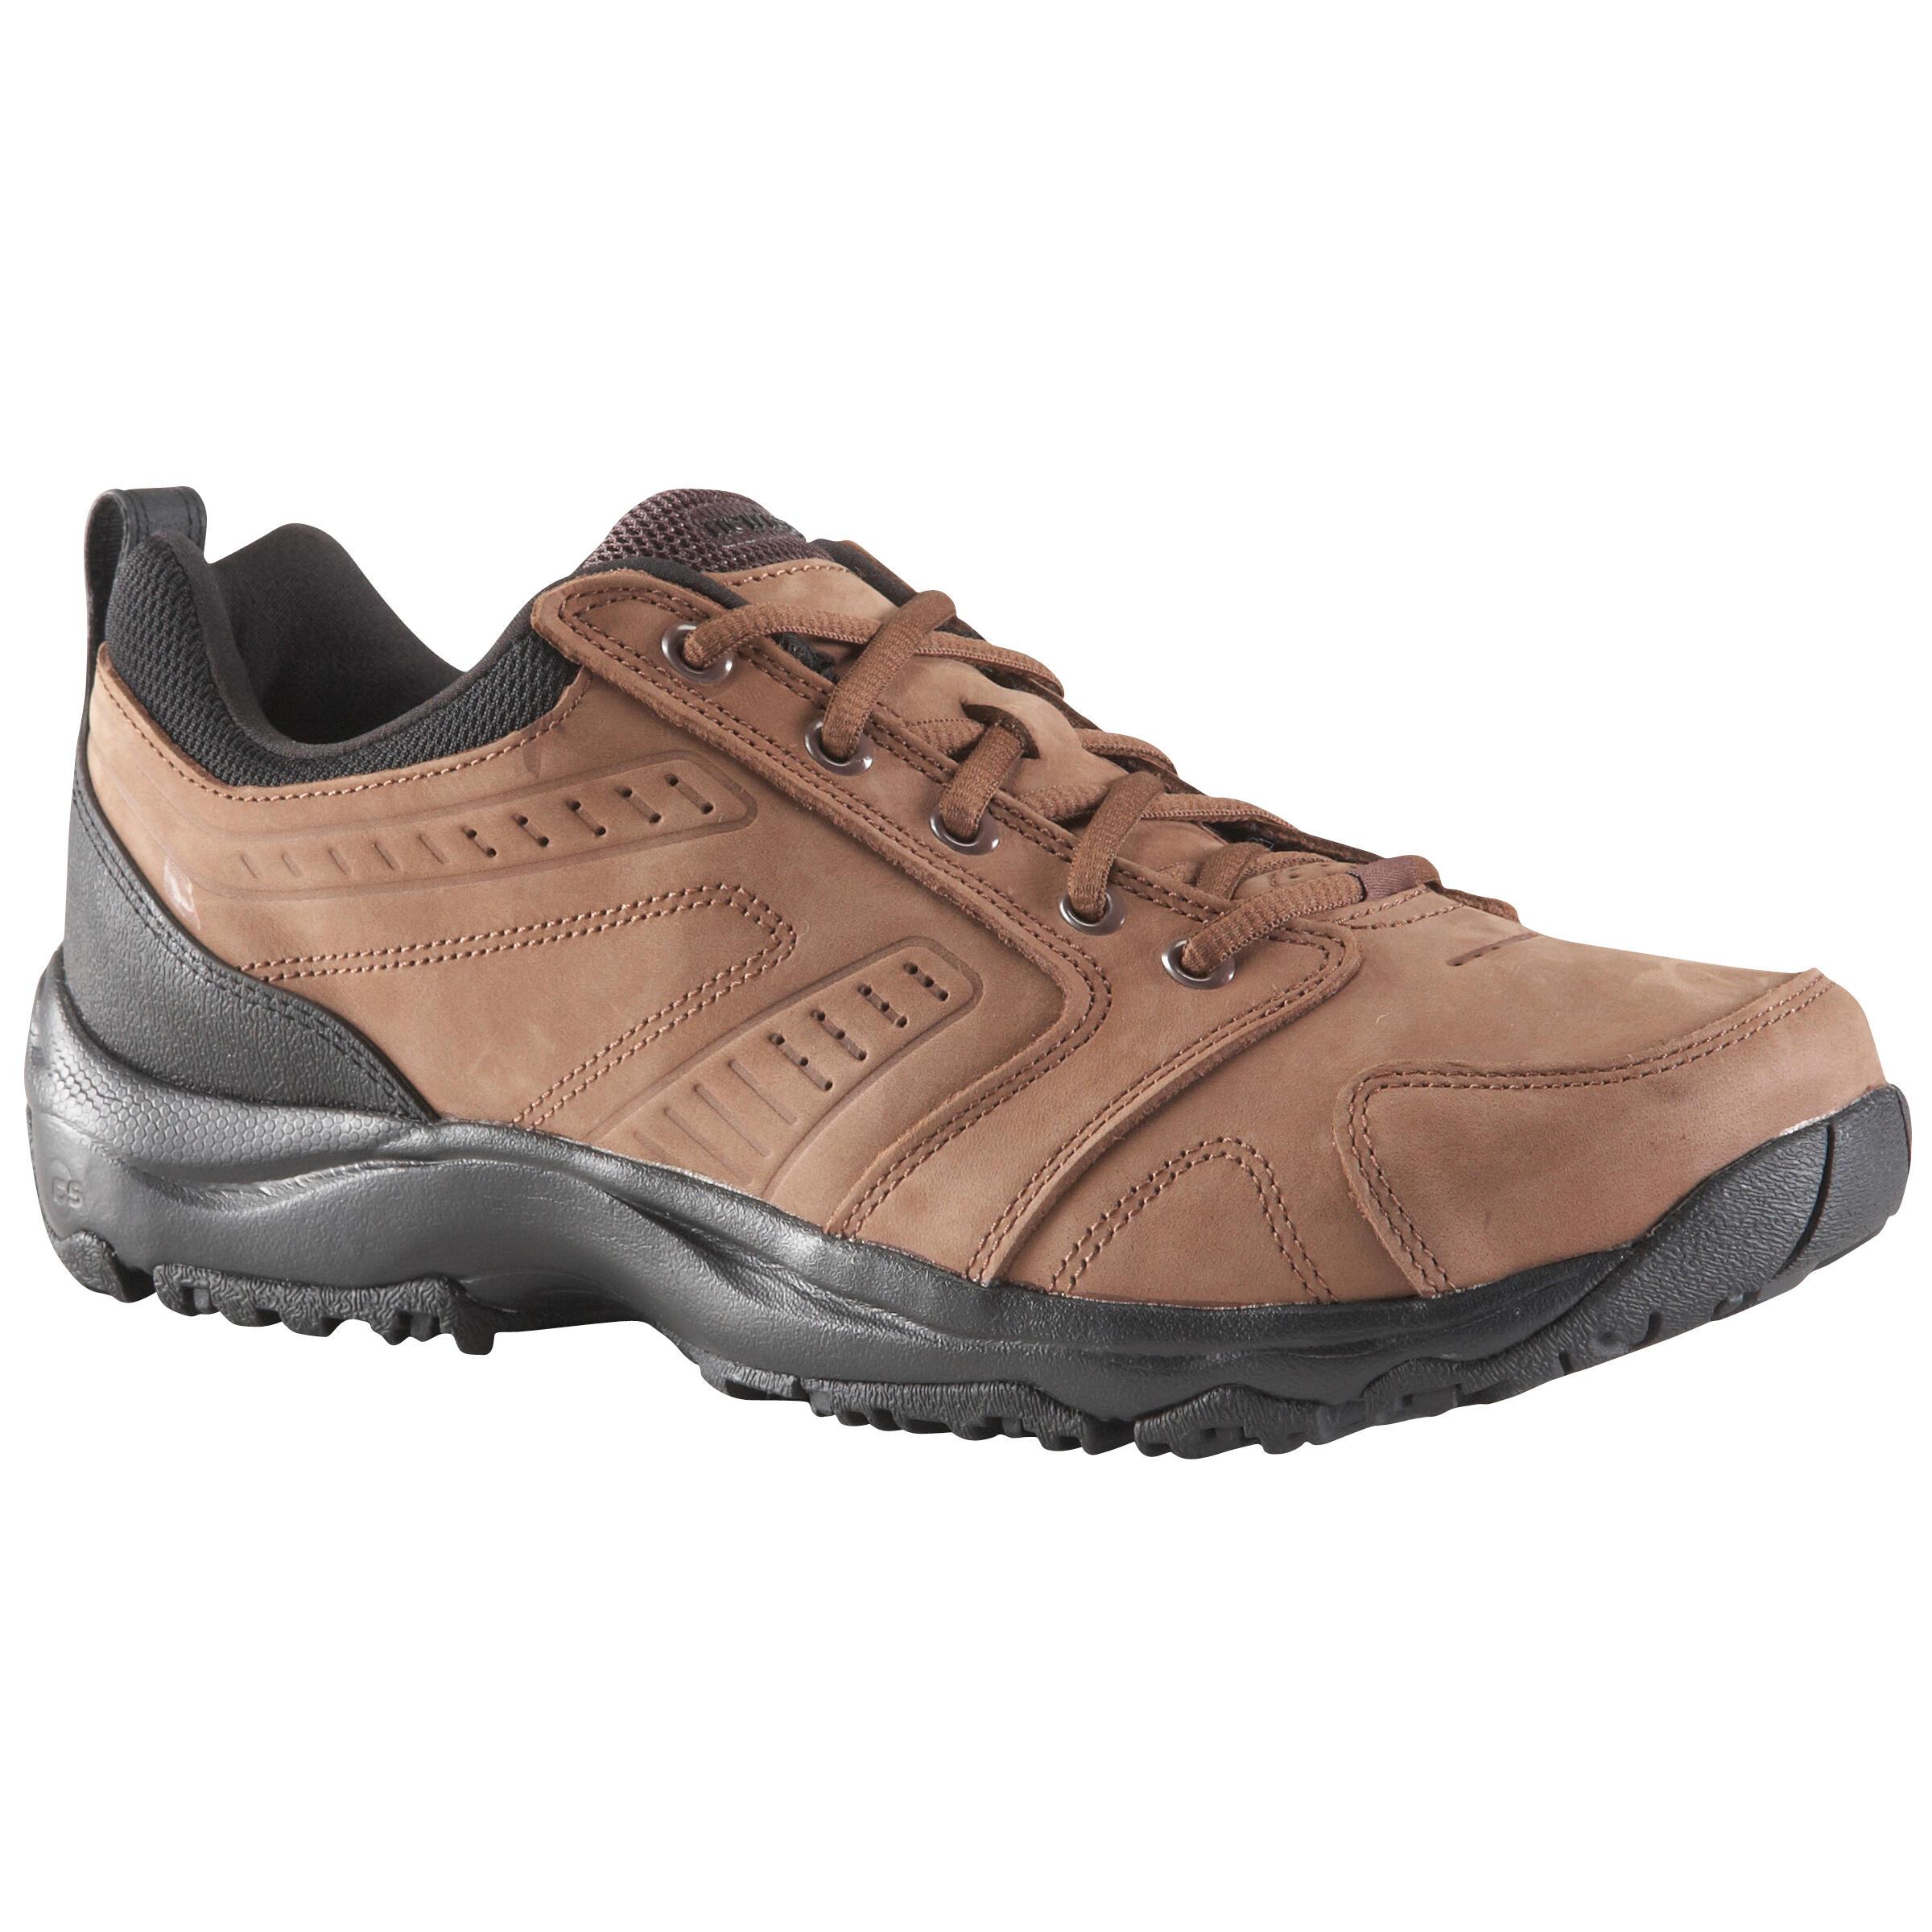 NEWFEEL Chaussures marche active homme Nakuru Confort cuir marron - NEWFEEL - 44